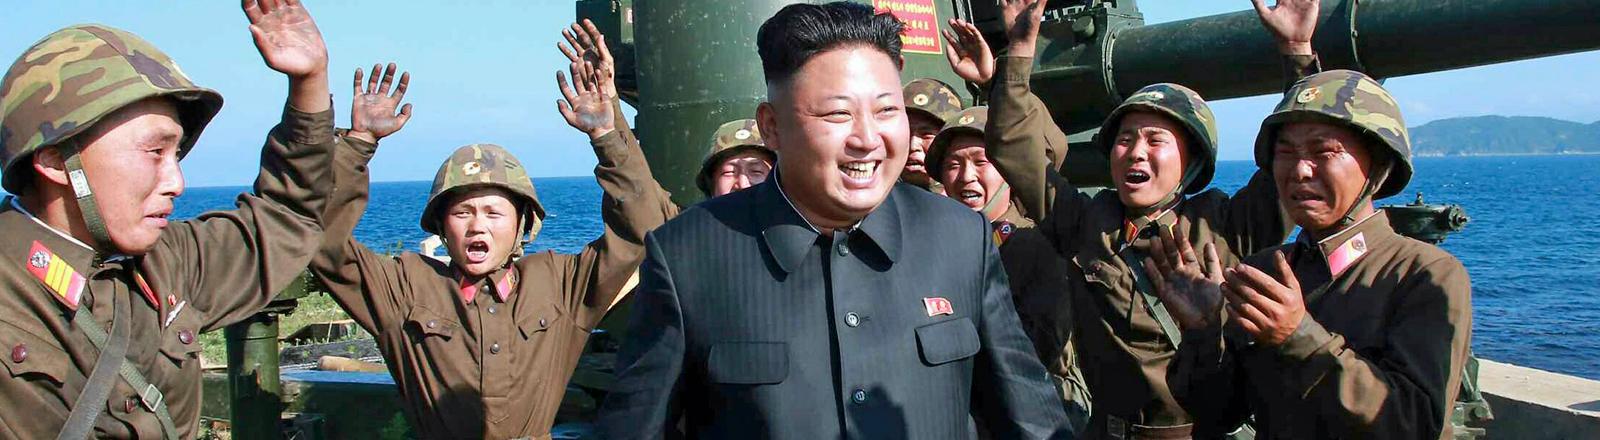 Nordkoreas Diktator Kim Jong-un wird am 07.07.2014 von ein paar Soldaten bejubelt und freut sich darüber.